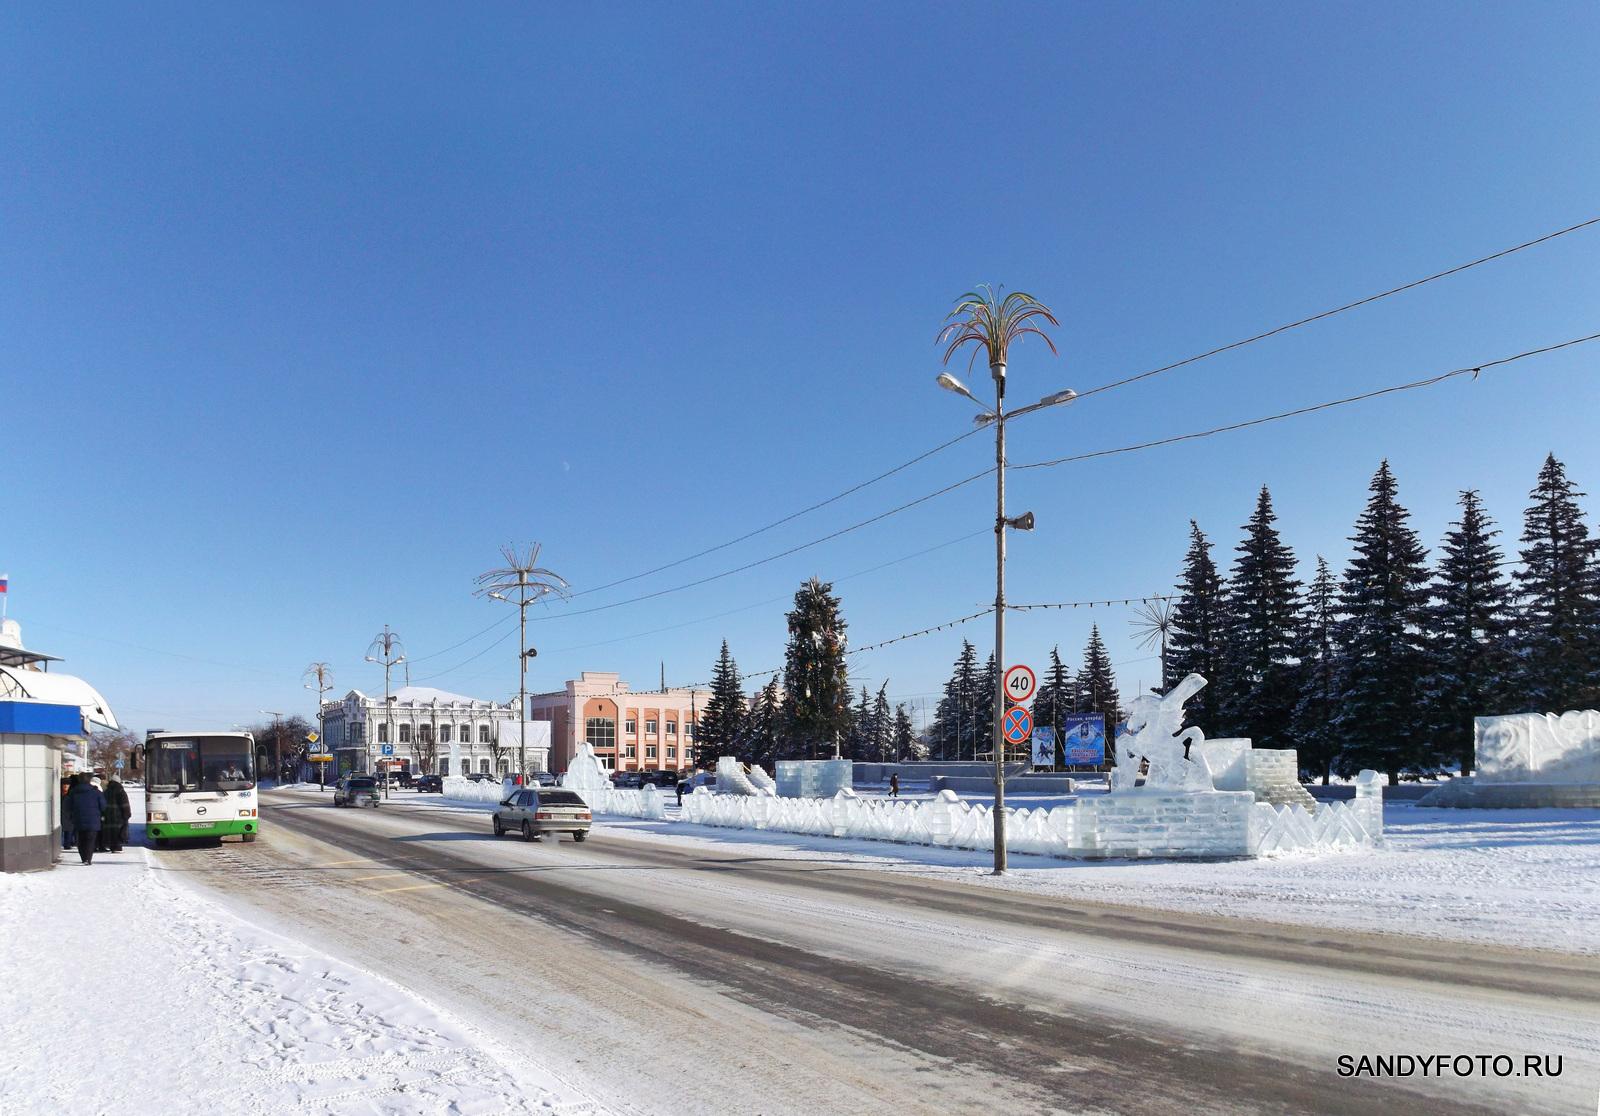 Про трансляцию Олимпийских Игр в Сочи на центральной площади  Троицка